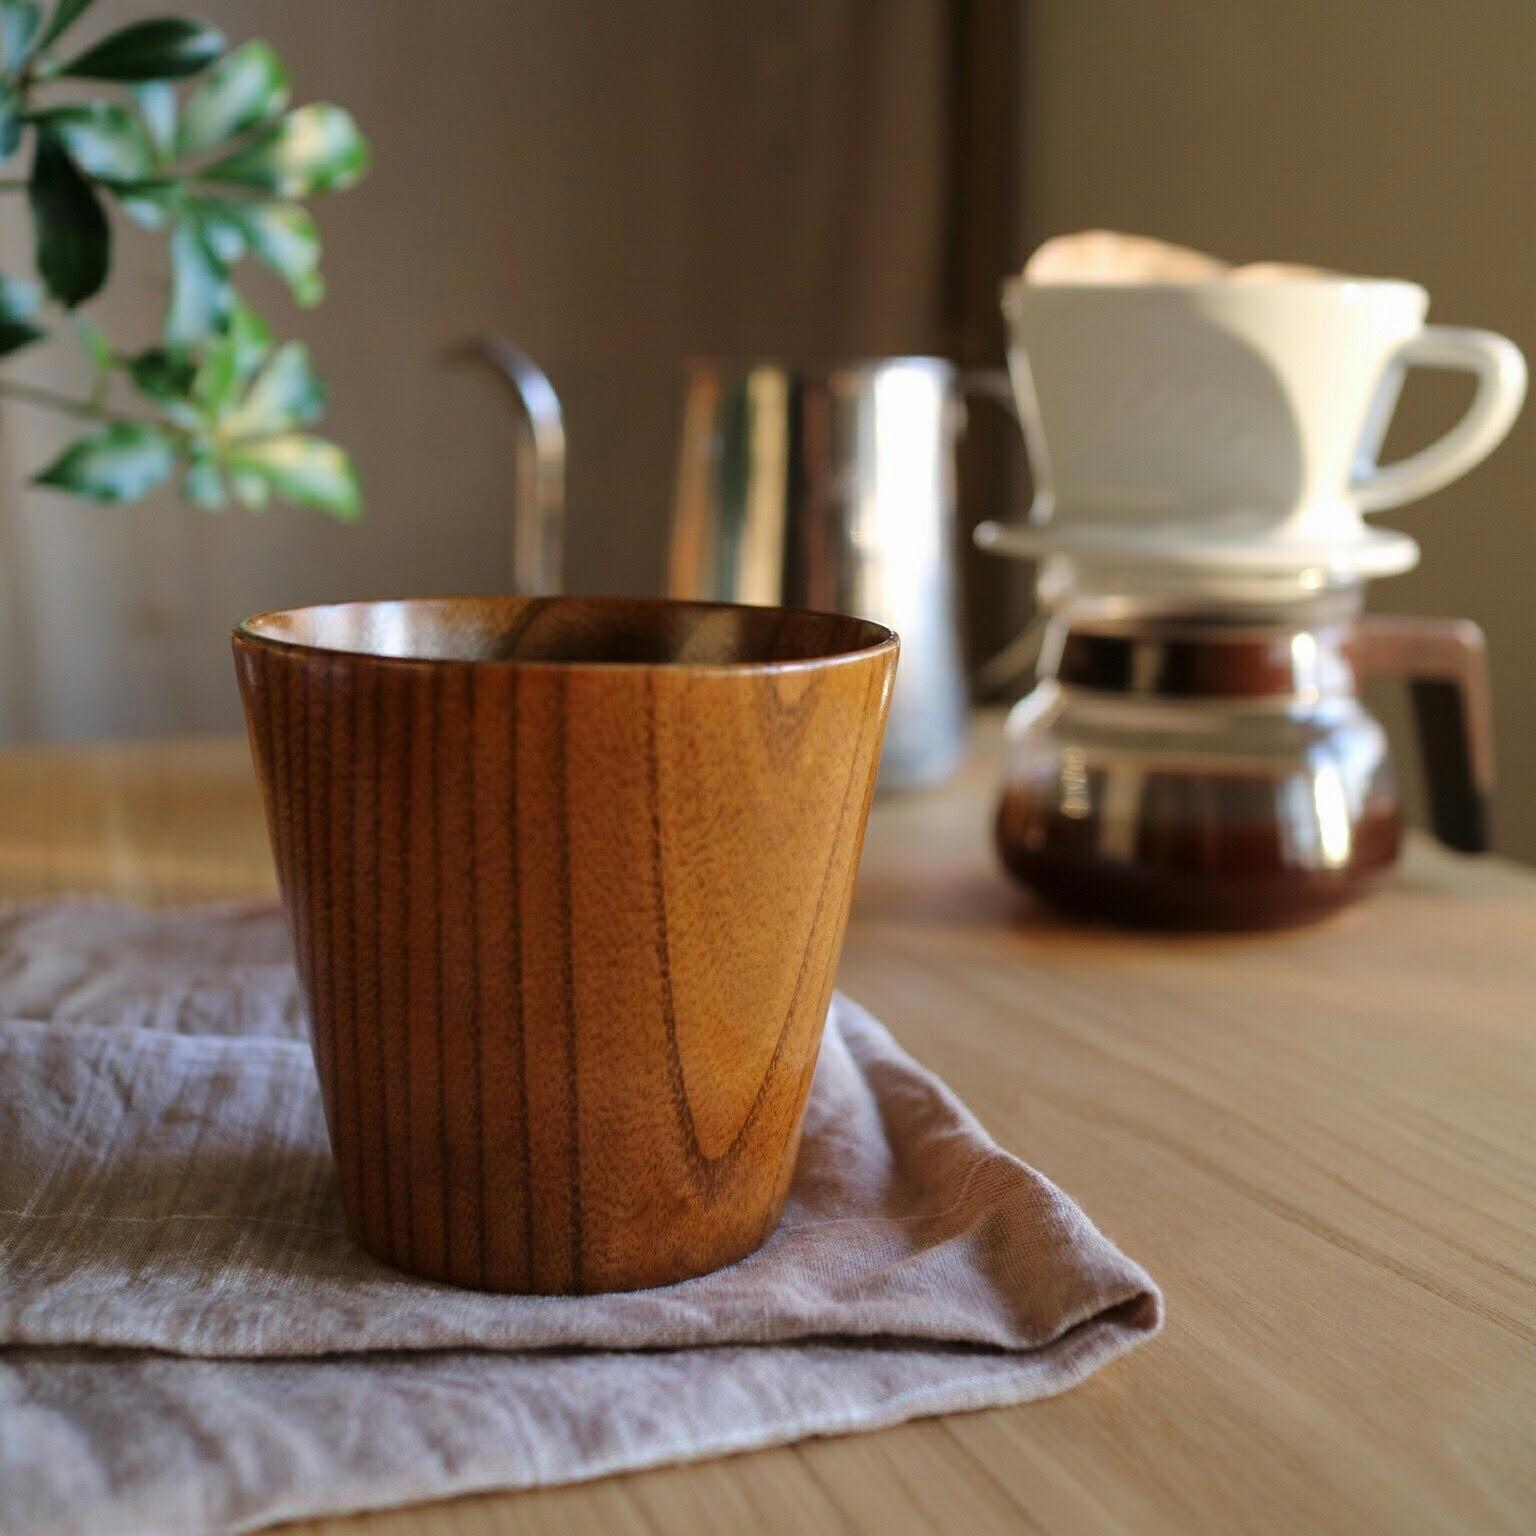 365日つかえる 天然木で作った限定の木製マグ